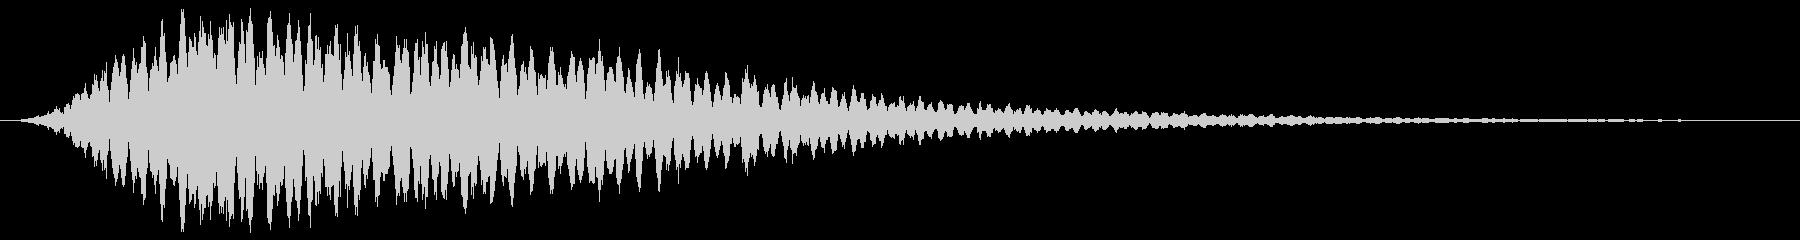 シャララーン キラキラ 魔法の未再生の波形